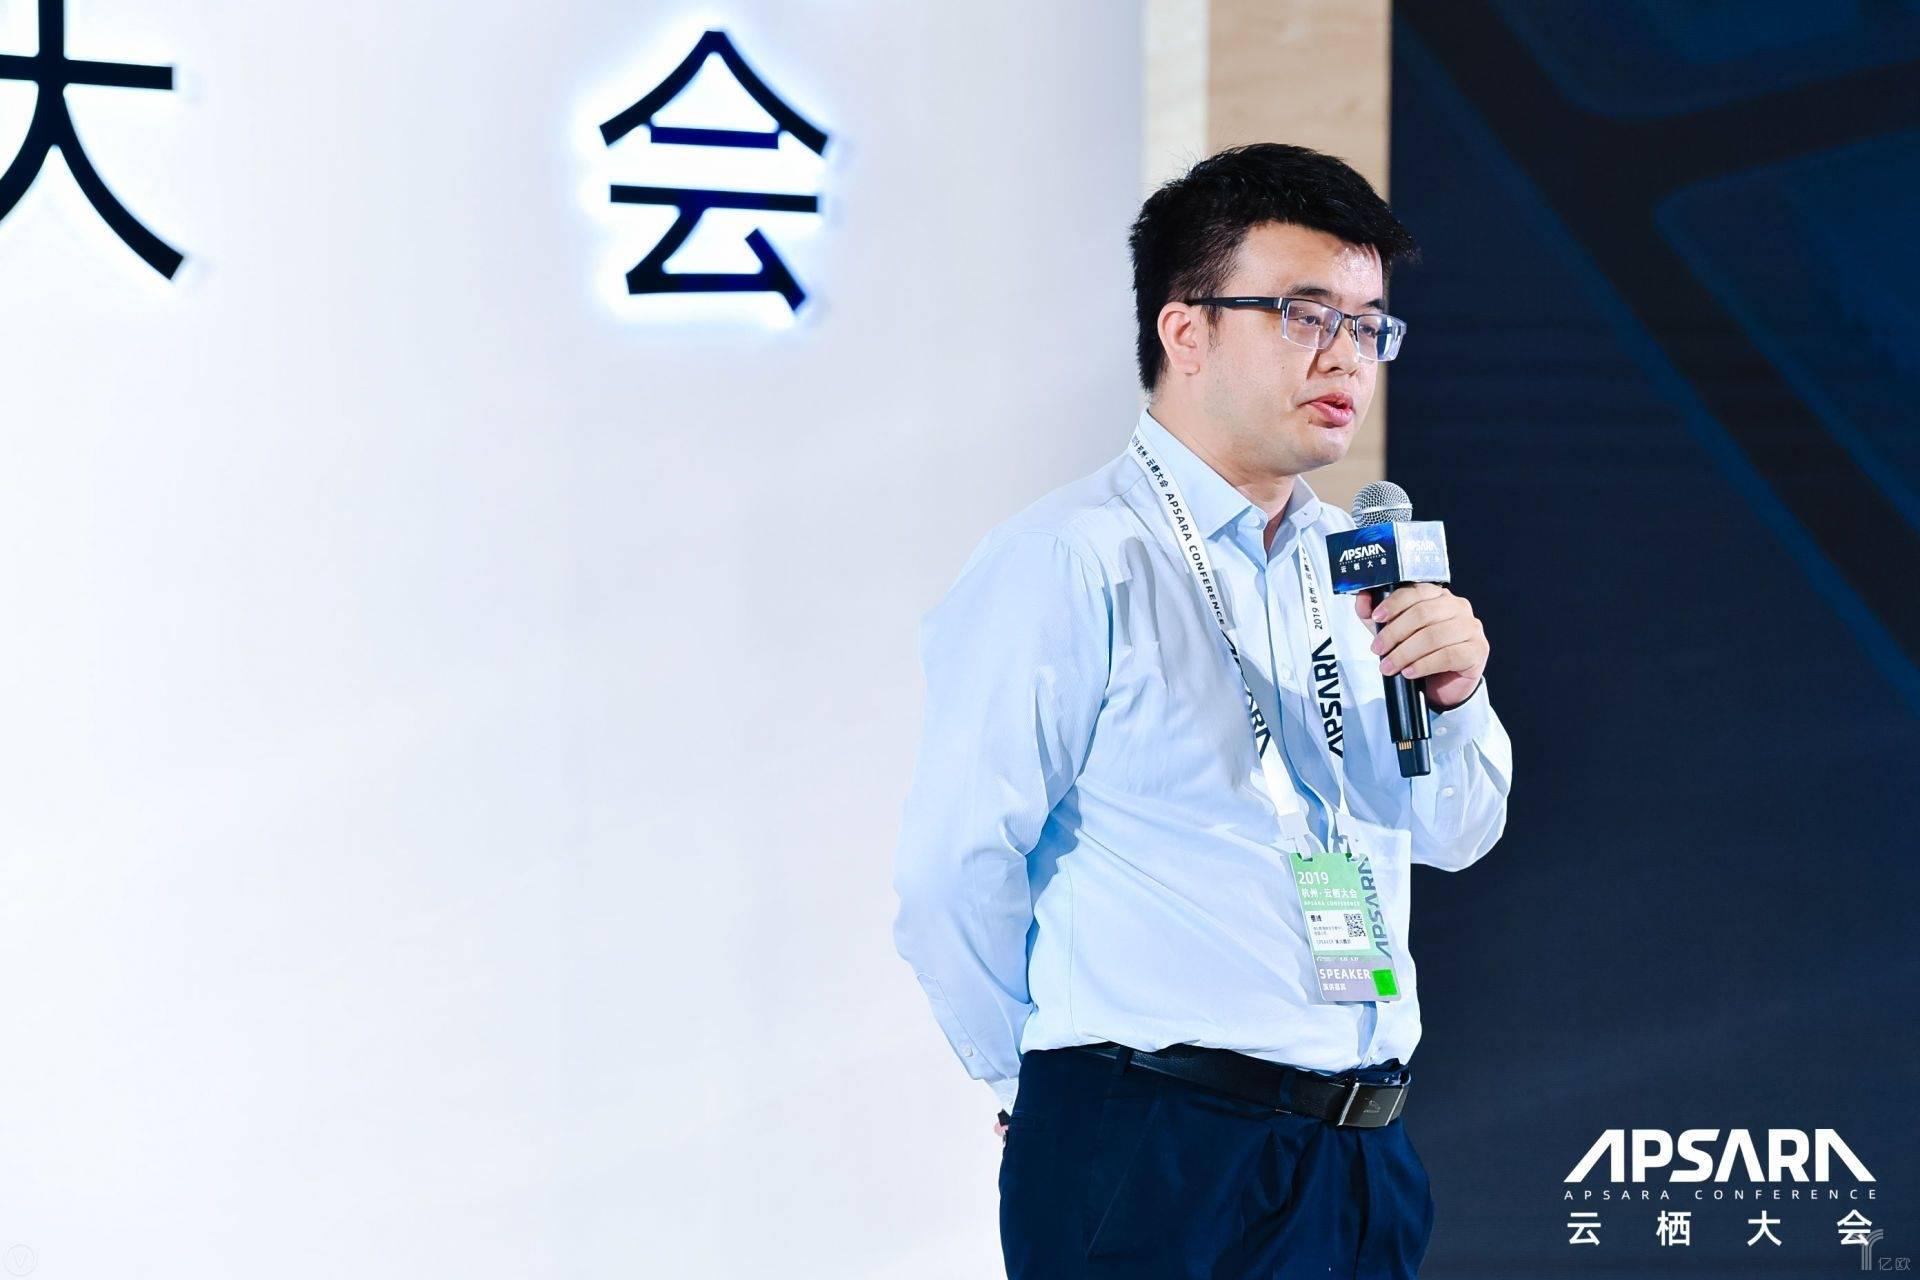 港交所前海联合交易中心总经理董峰